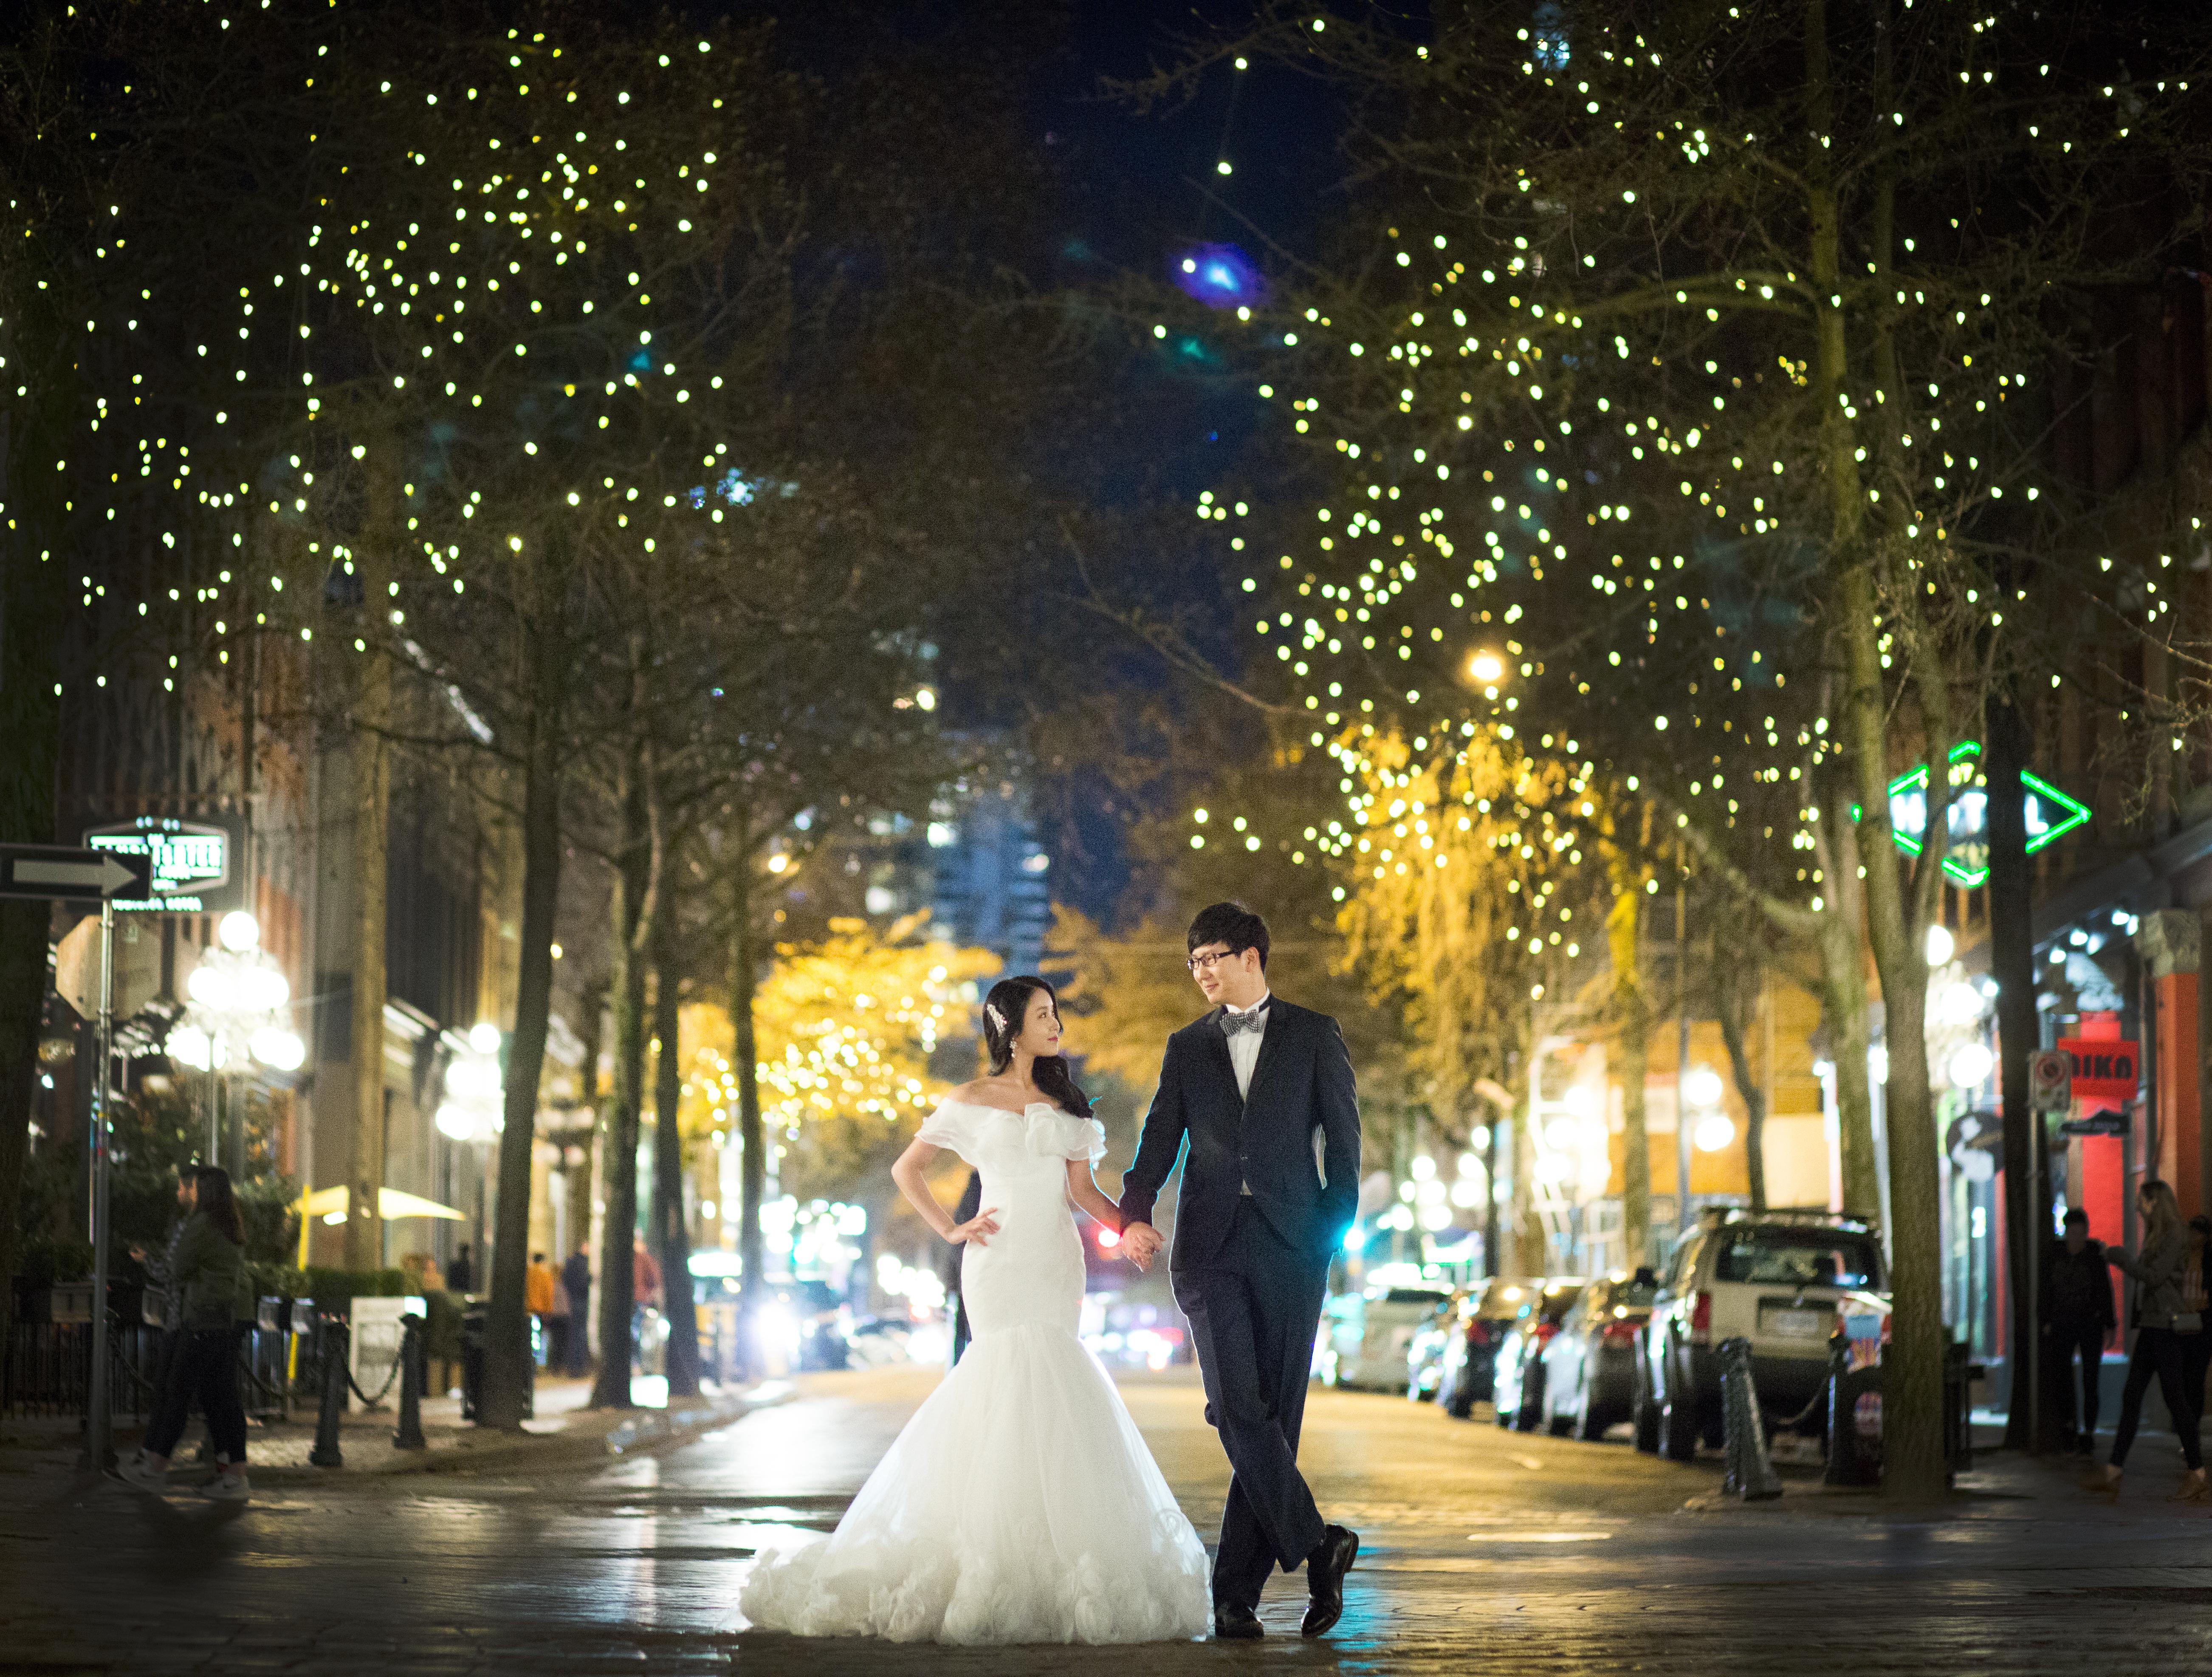 wedding photo at Gastown